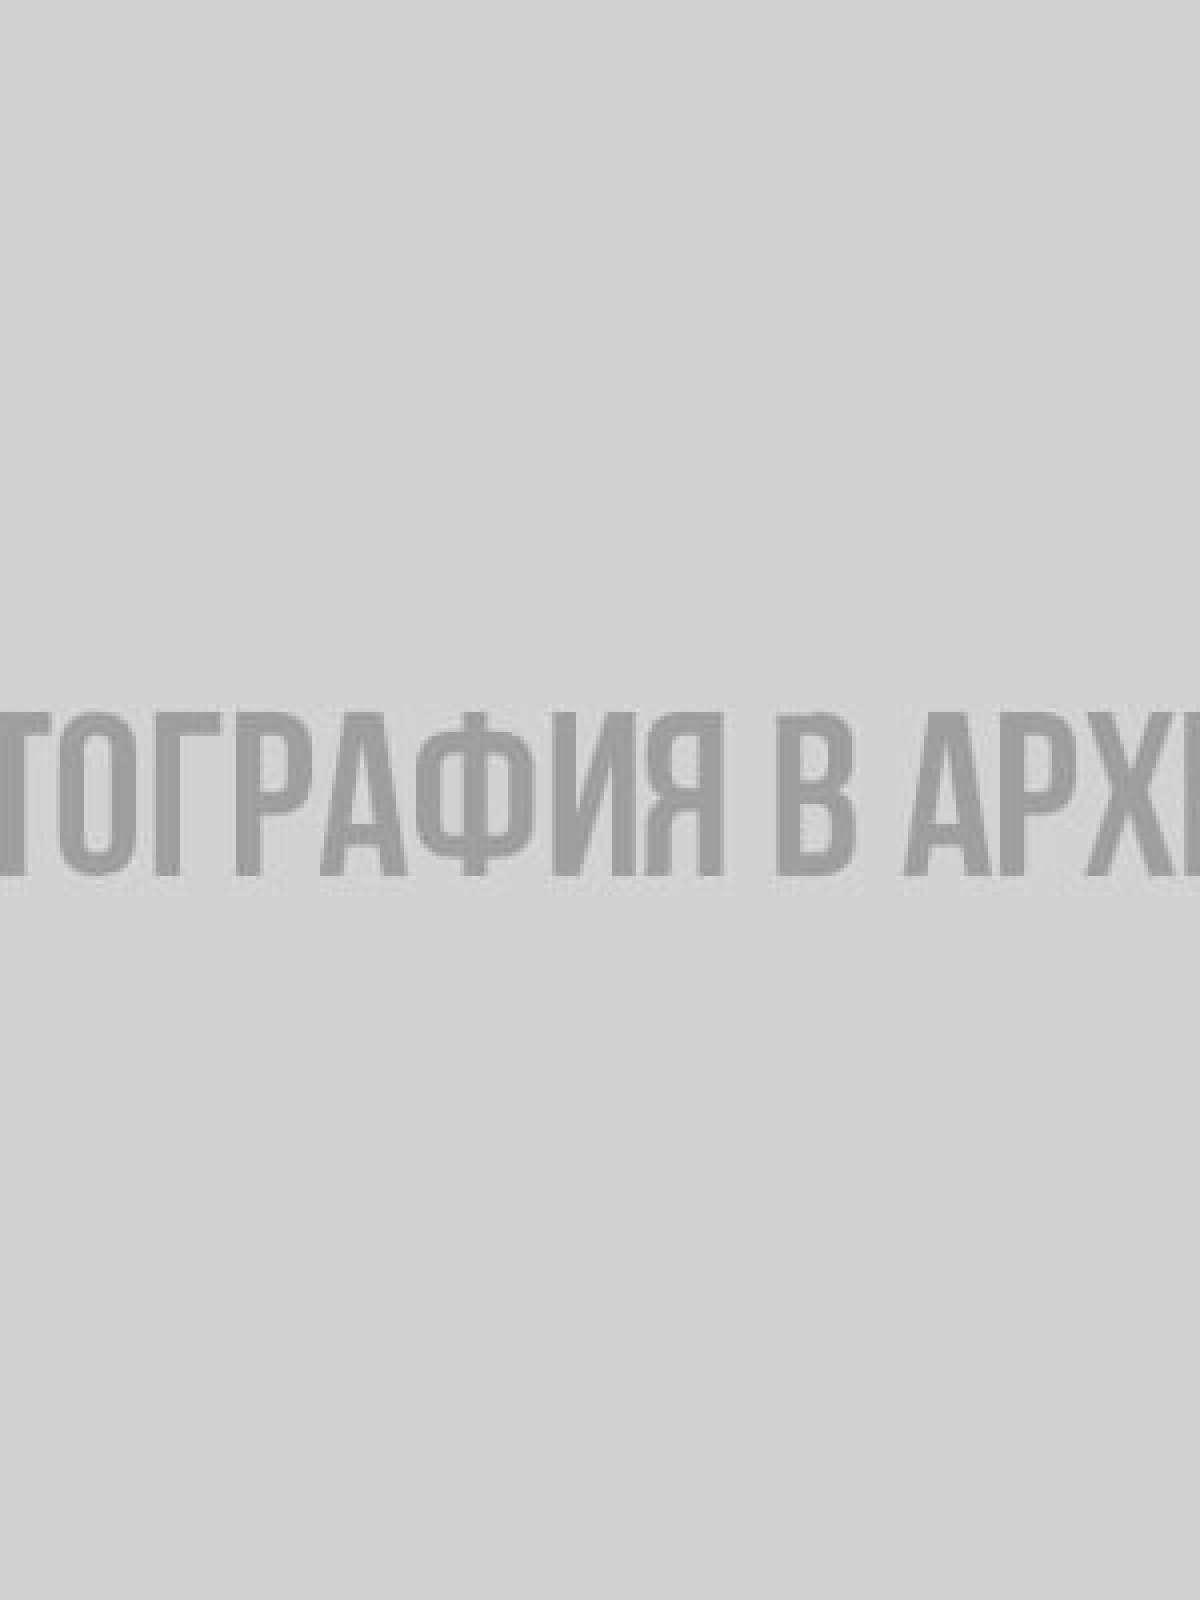 Тело ребенка нашли возле заброшенного дома в Выборге - очевидцы погиб ребенок, Ленобласть, Выборг